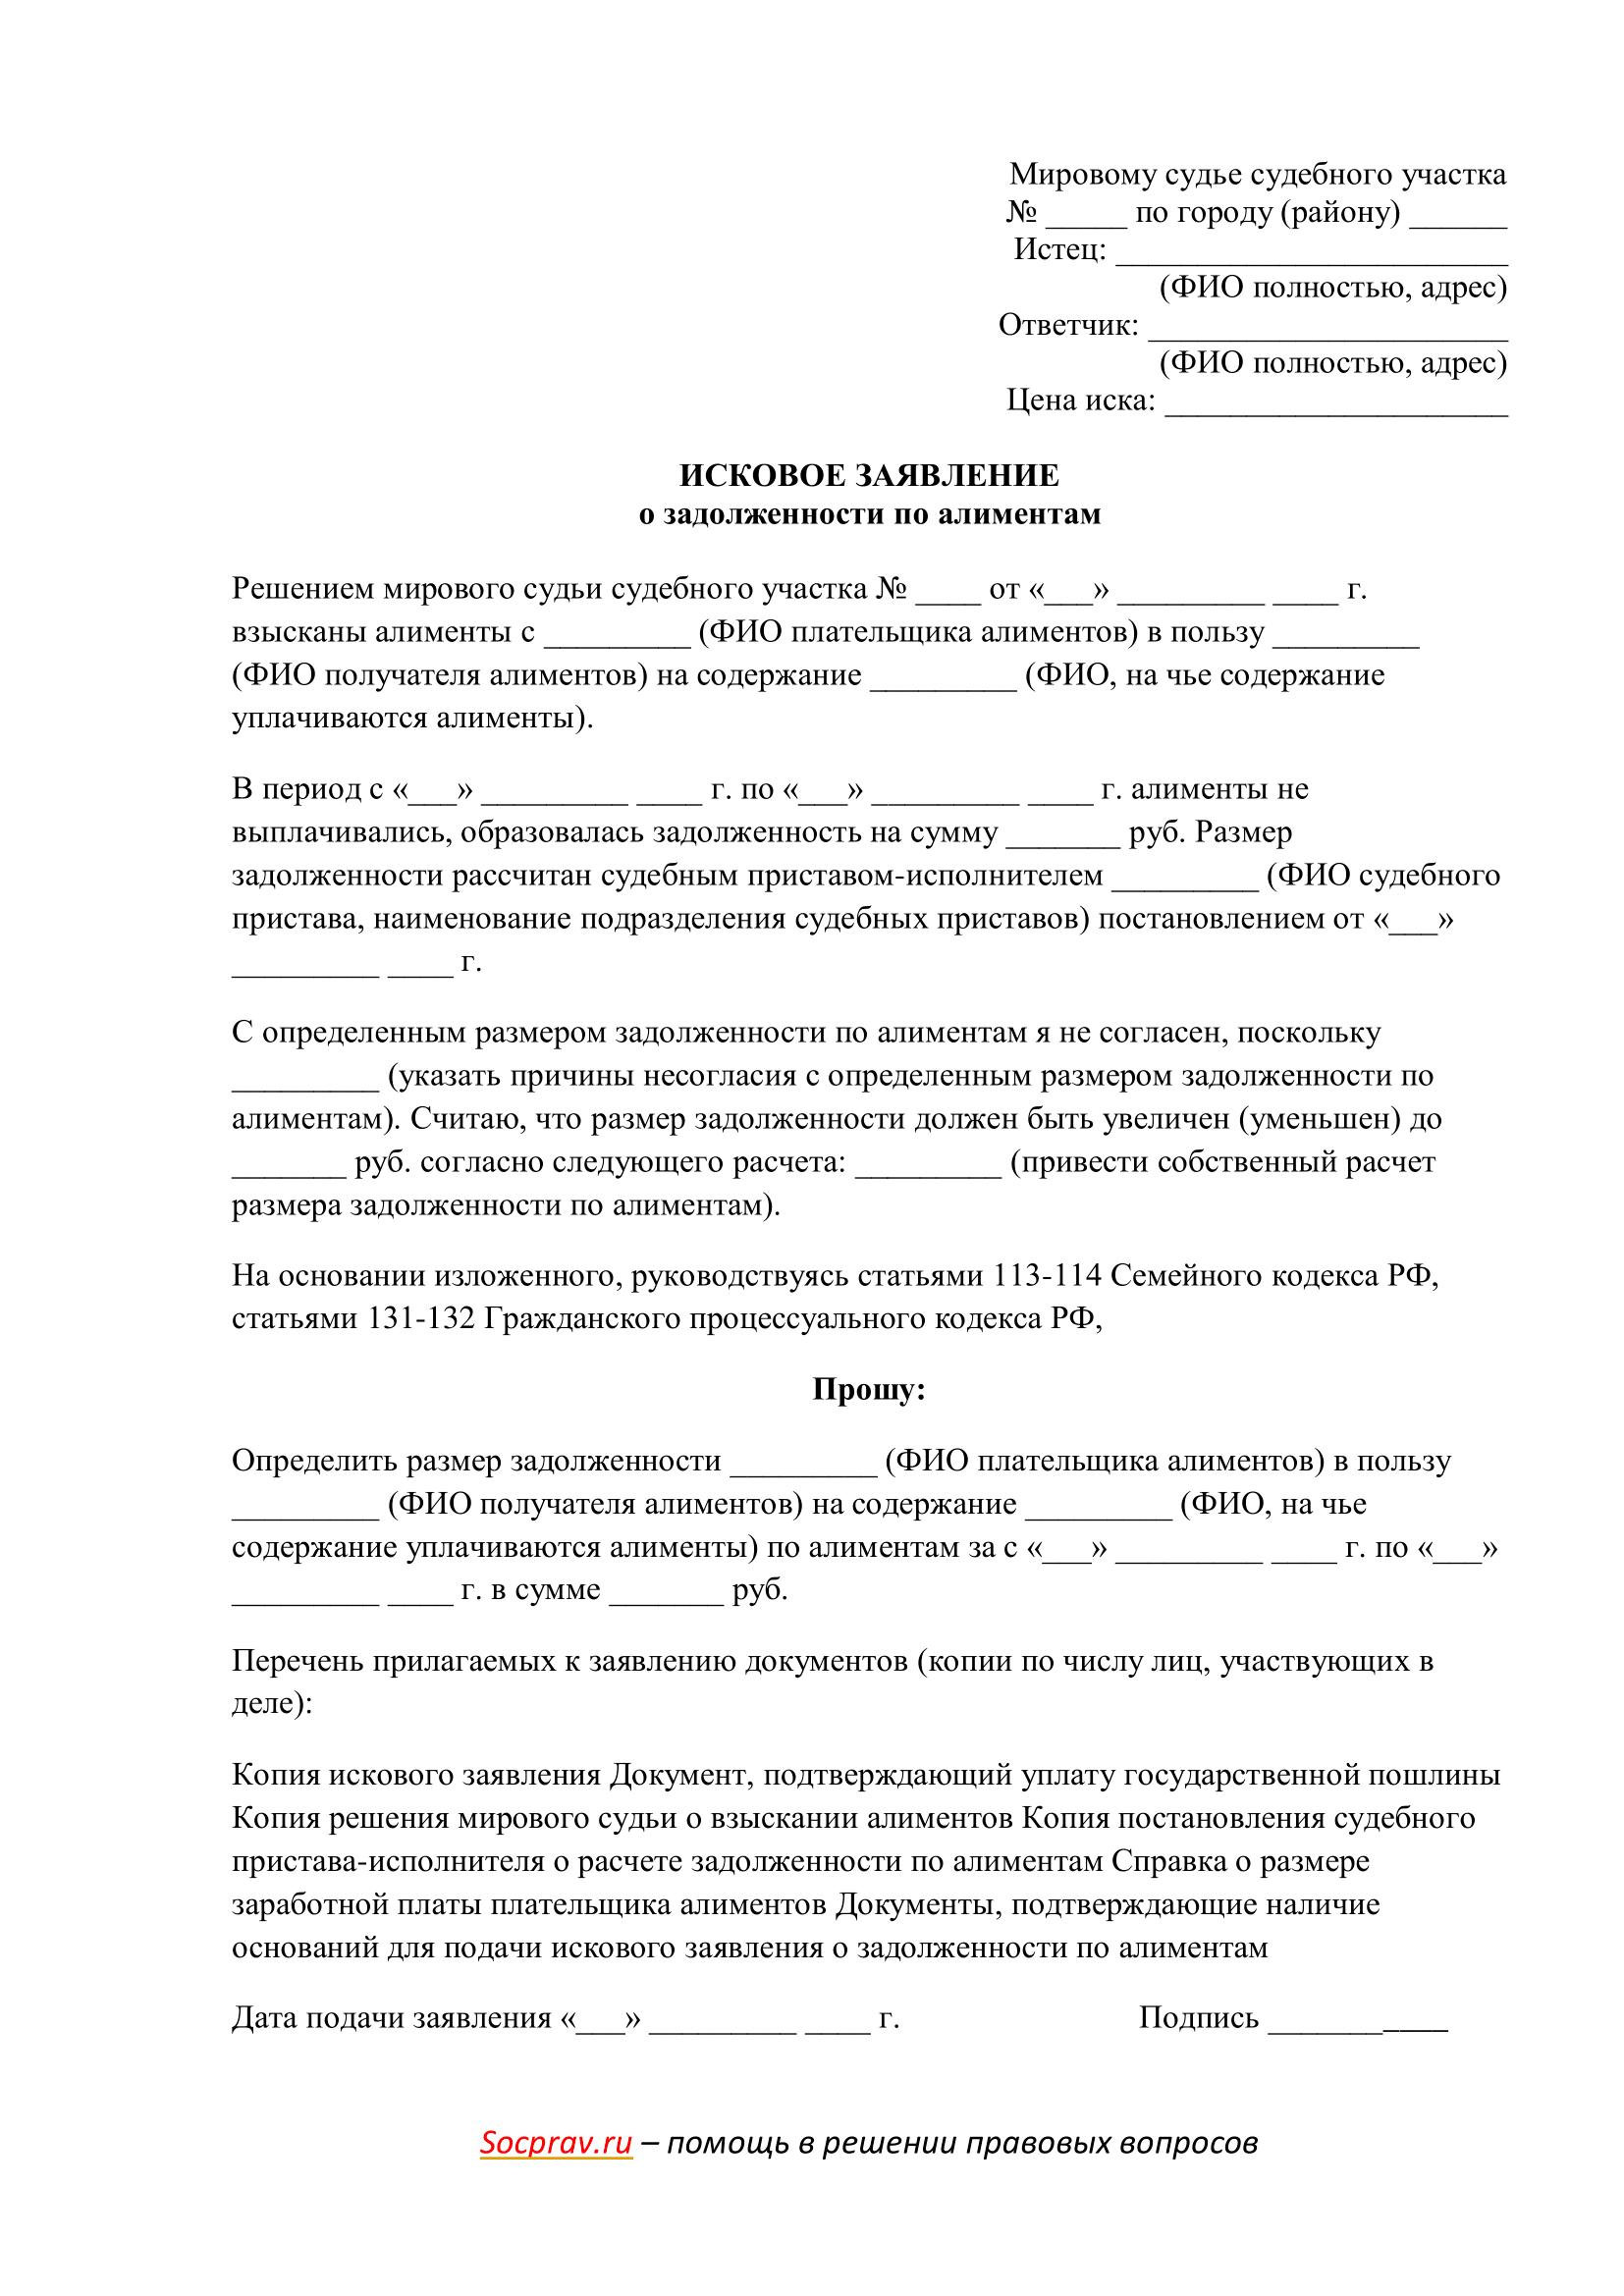 Исковое заявление на обжалование расчета задолженности по алиментам